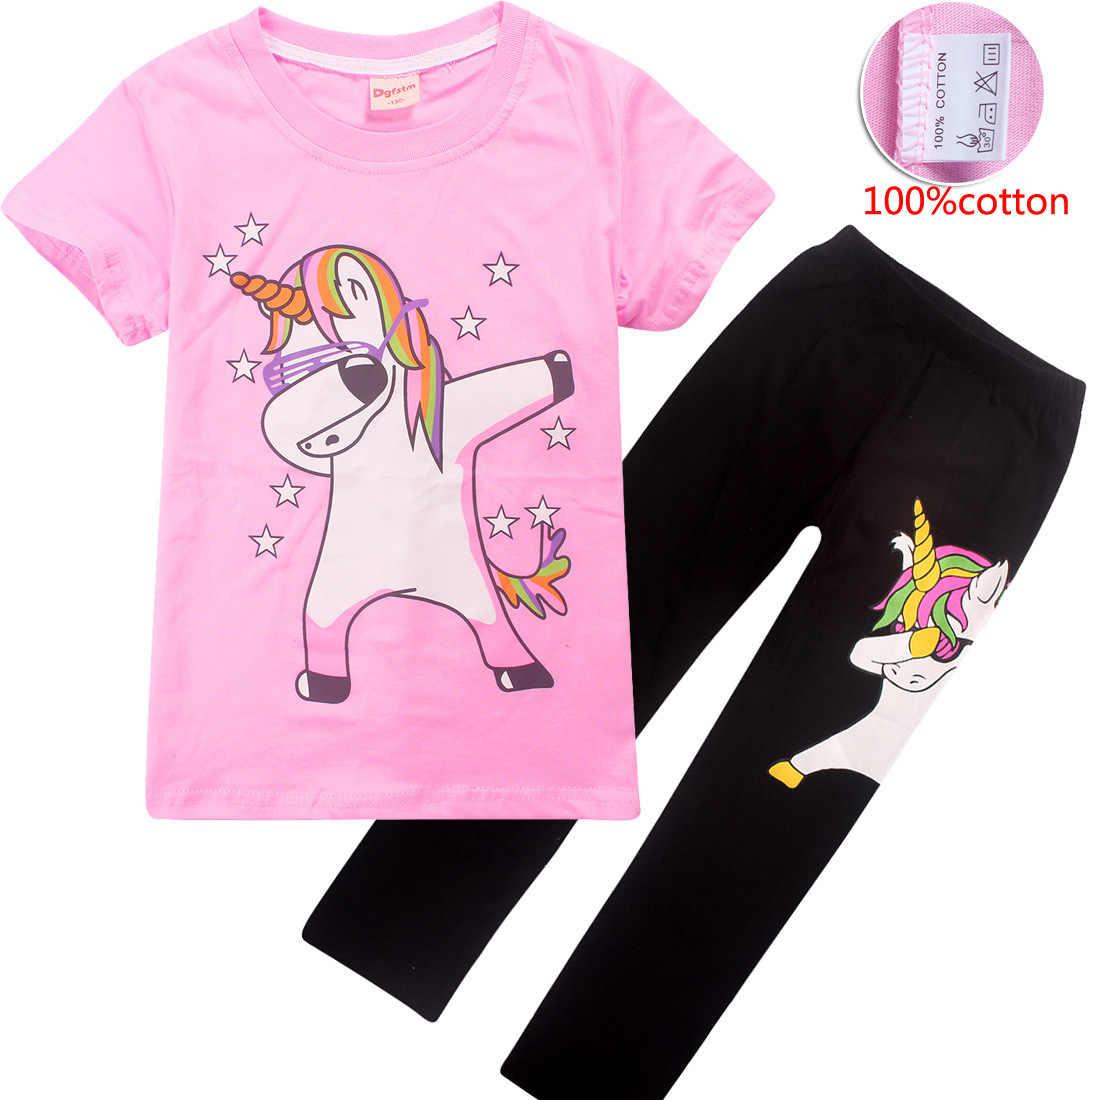 ชุดนอนเด็กหญิง 2019 เสื้อผ้าเด็กฤดูร้อนยูนิคอร์นชุดนอน Jojo Siwa Pijamas ยูนิคอร์นชุดนอนสัตว์ pijama 4-12y